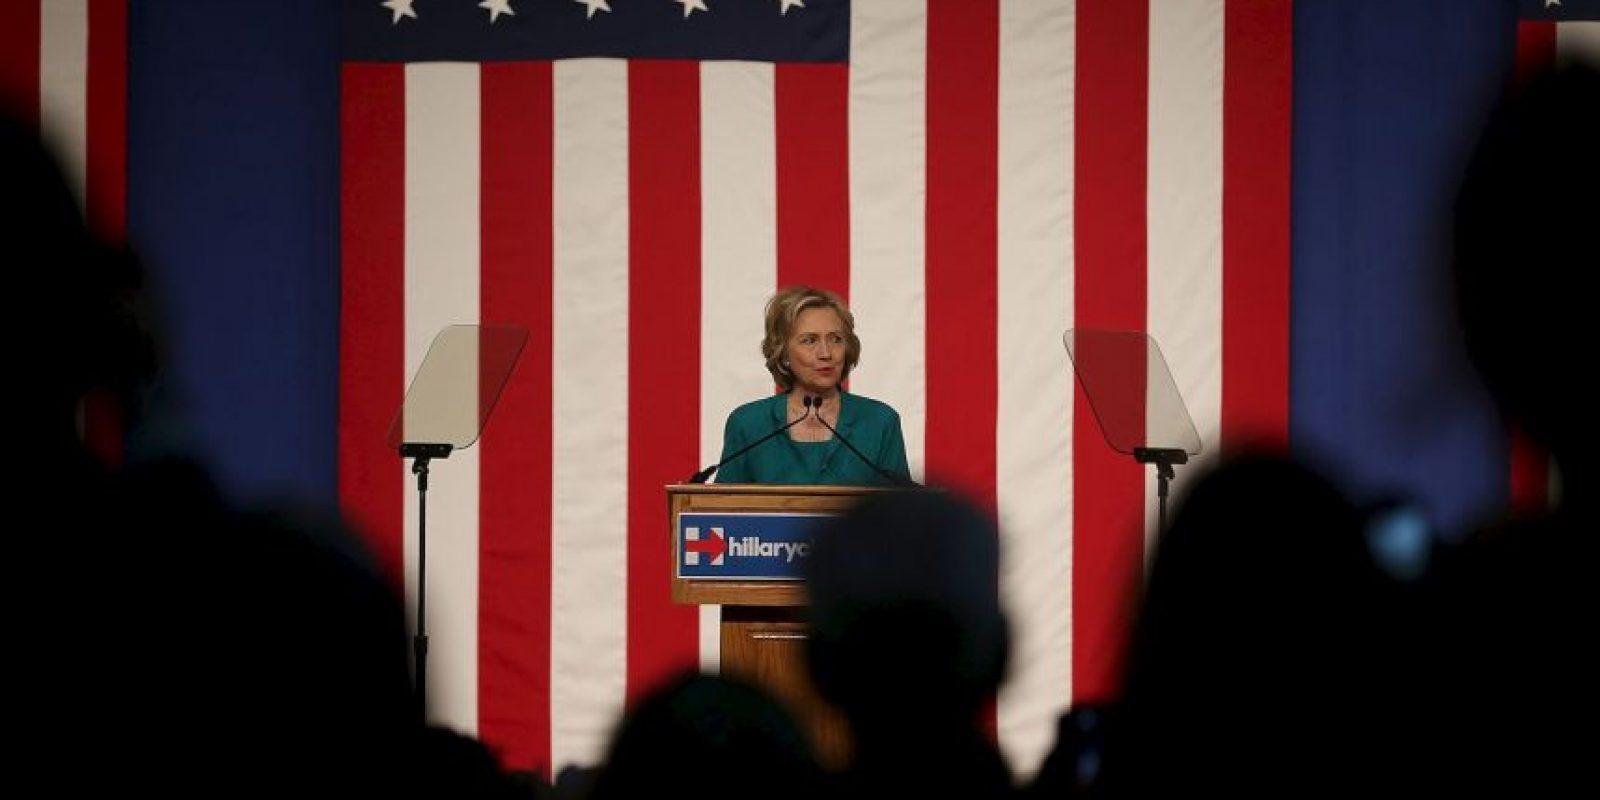 Clinton aseguró que ella no recibió, ni envió algún correo con contenido clasificado, también declaró que está tratando de ser lo más transparente posible sobre sus acciones. Foto:Getty Images